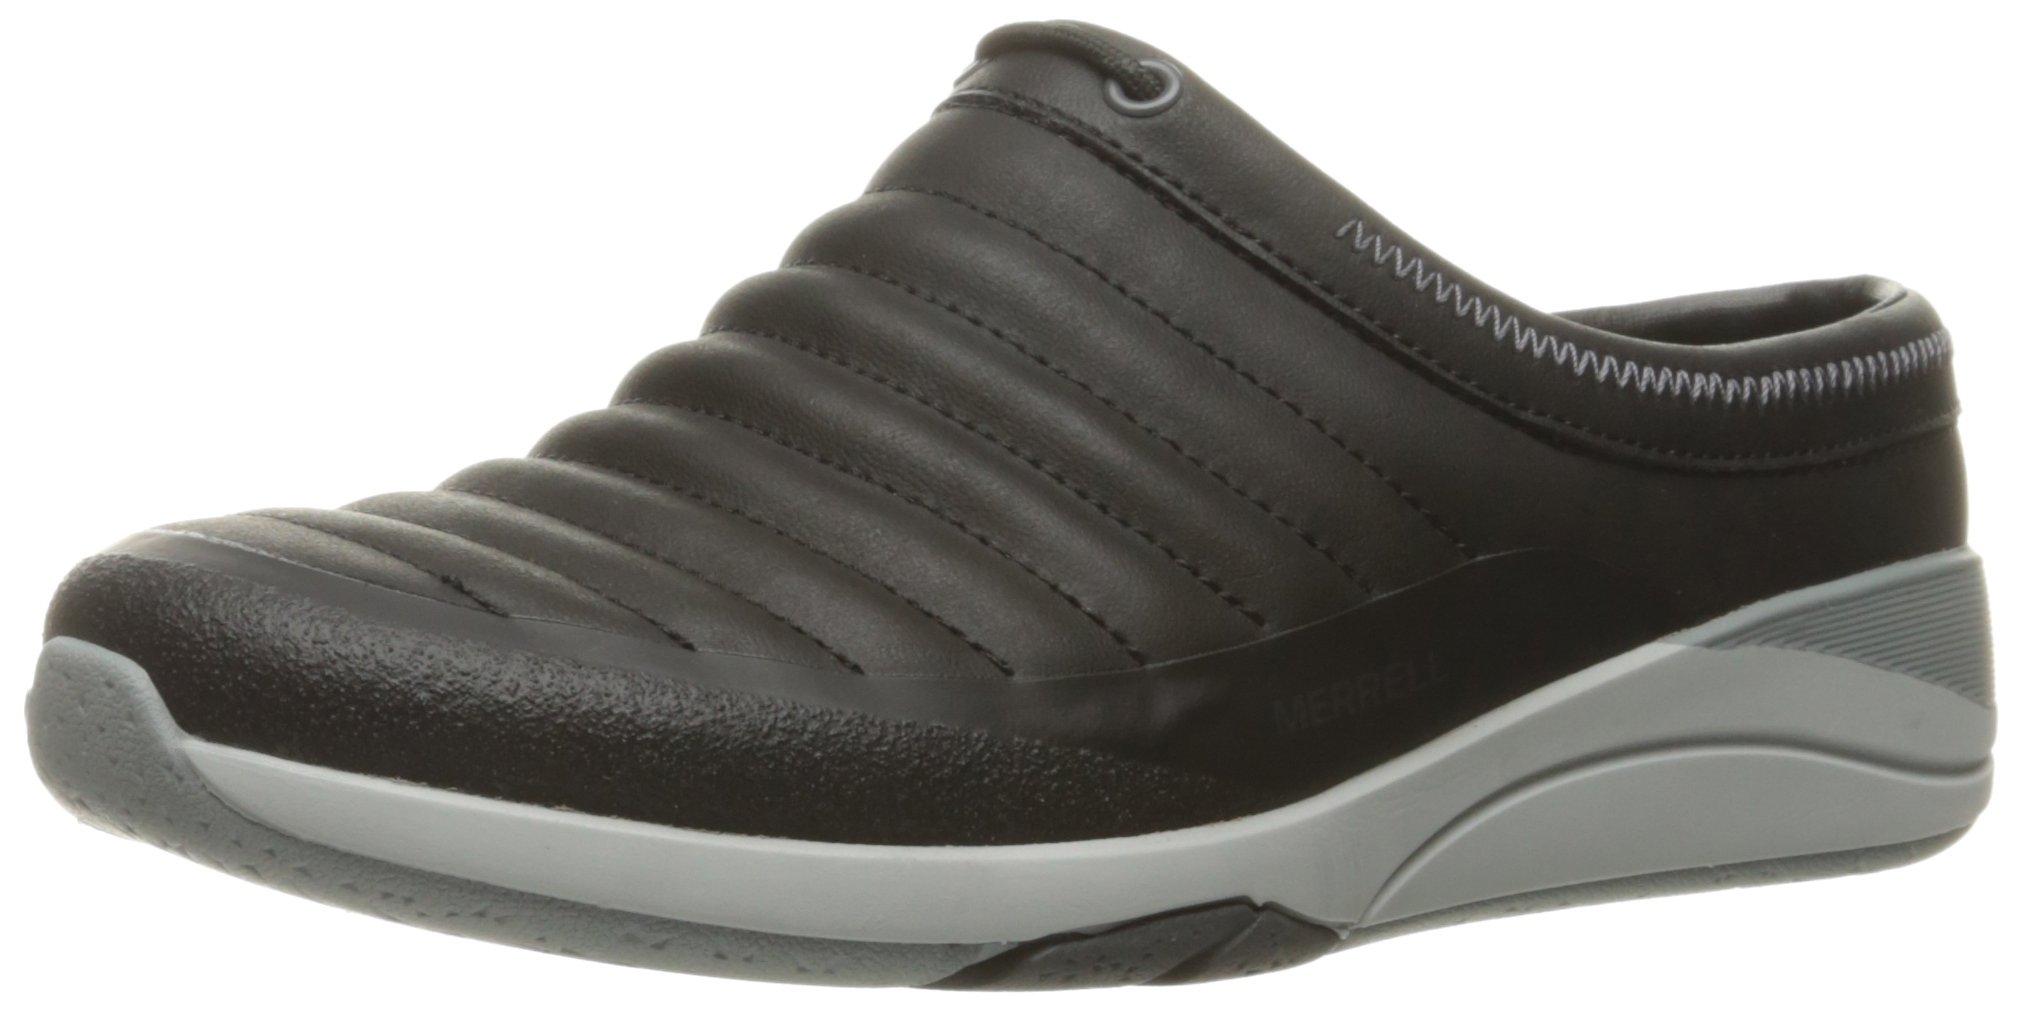 Merrell Women's Applaud Slide Slip-On Shoe, Black, 9.5 M US